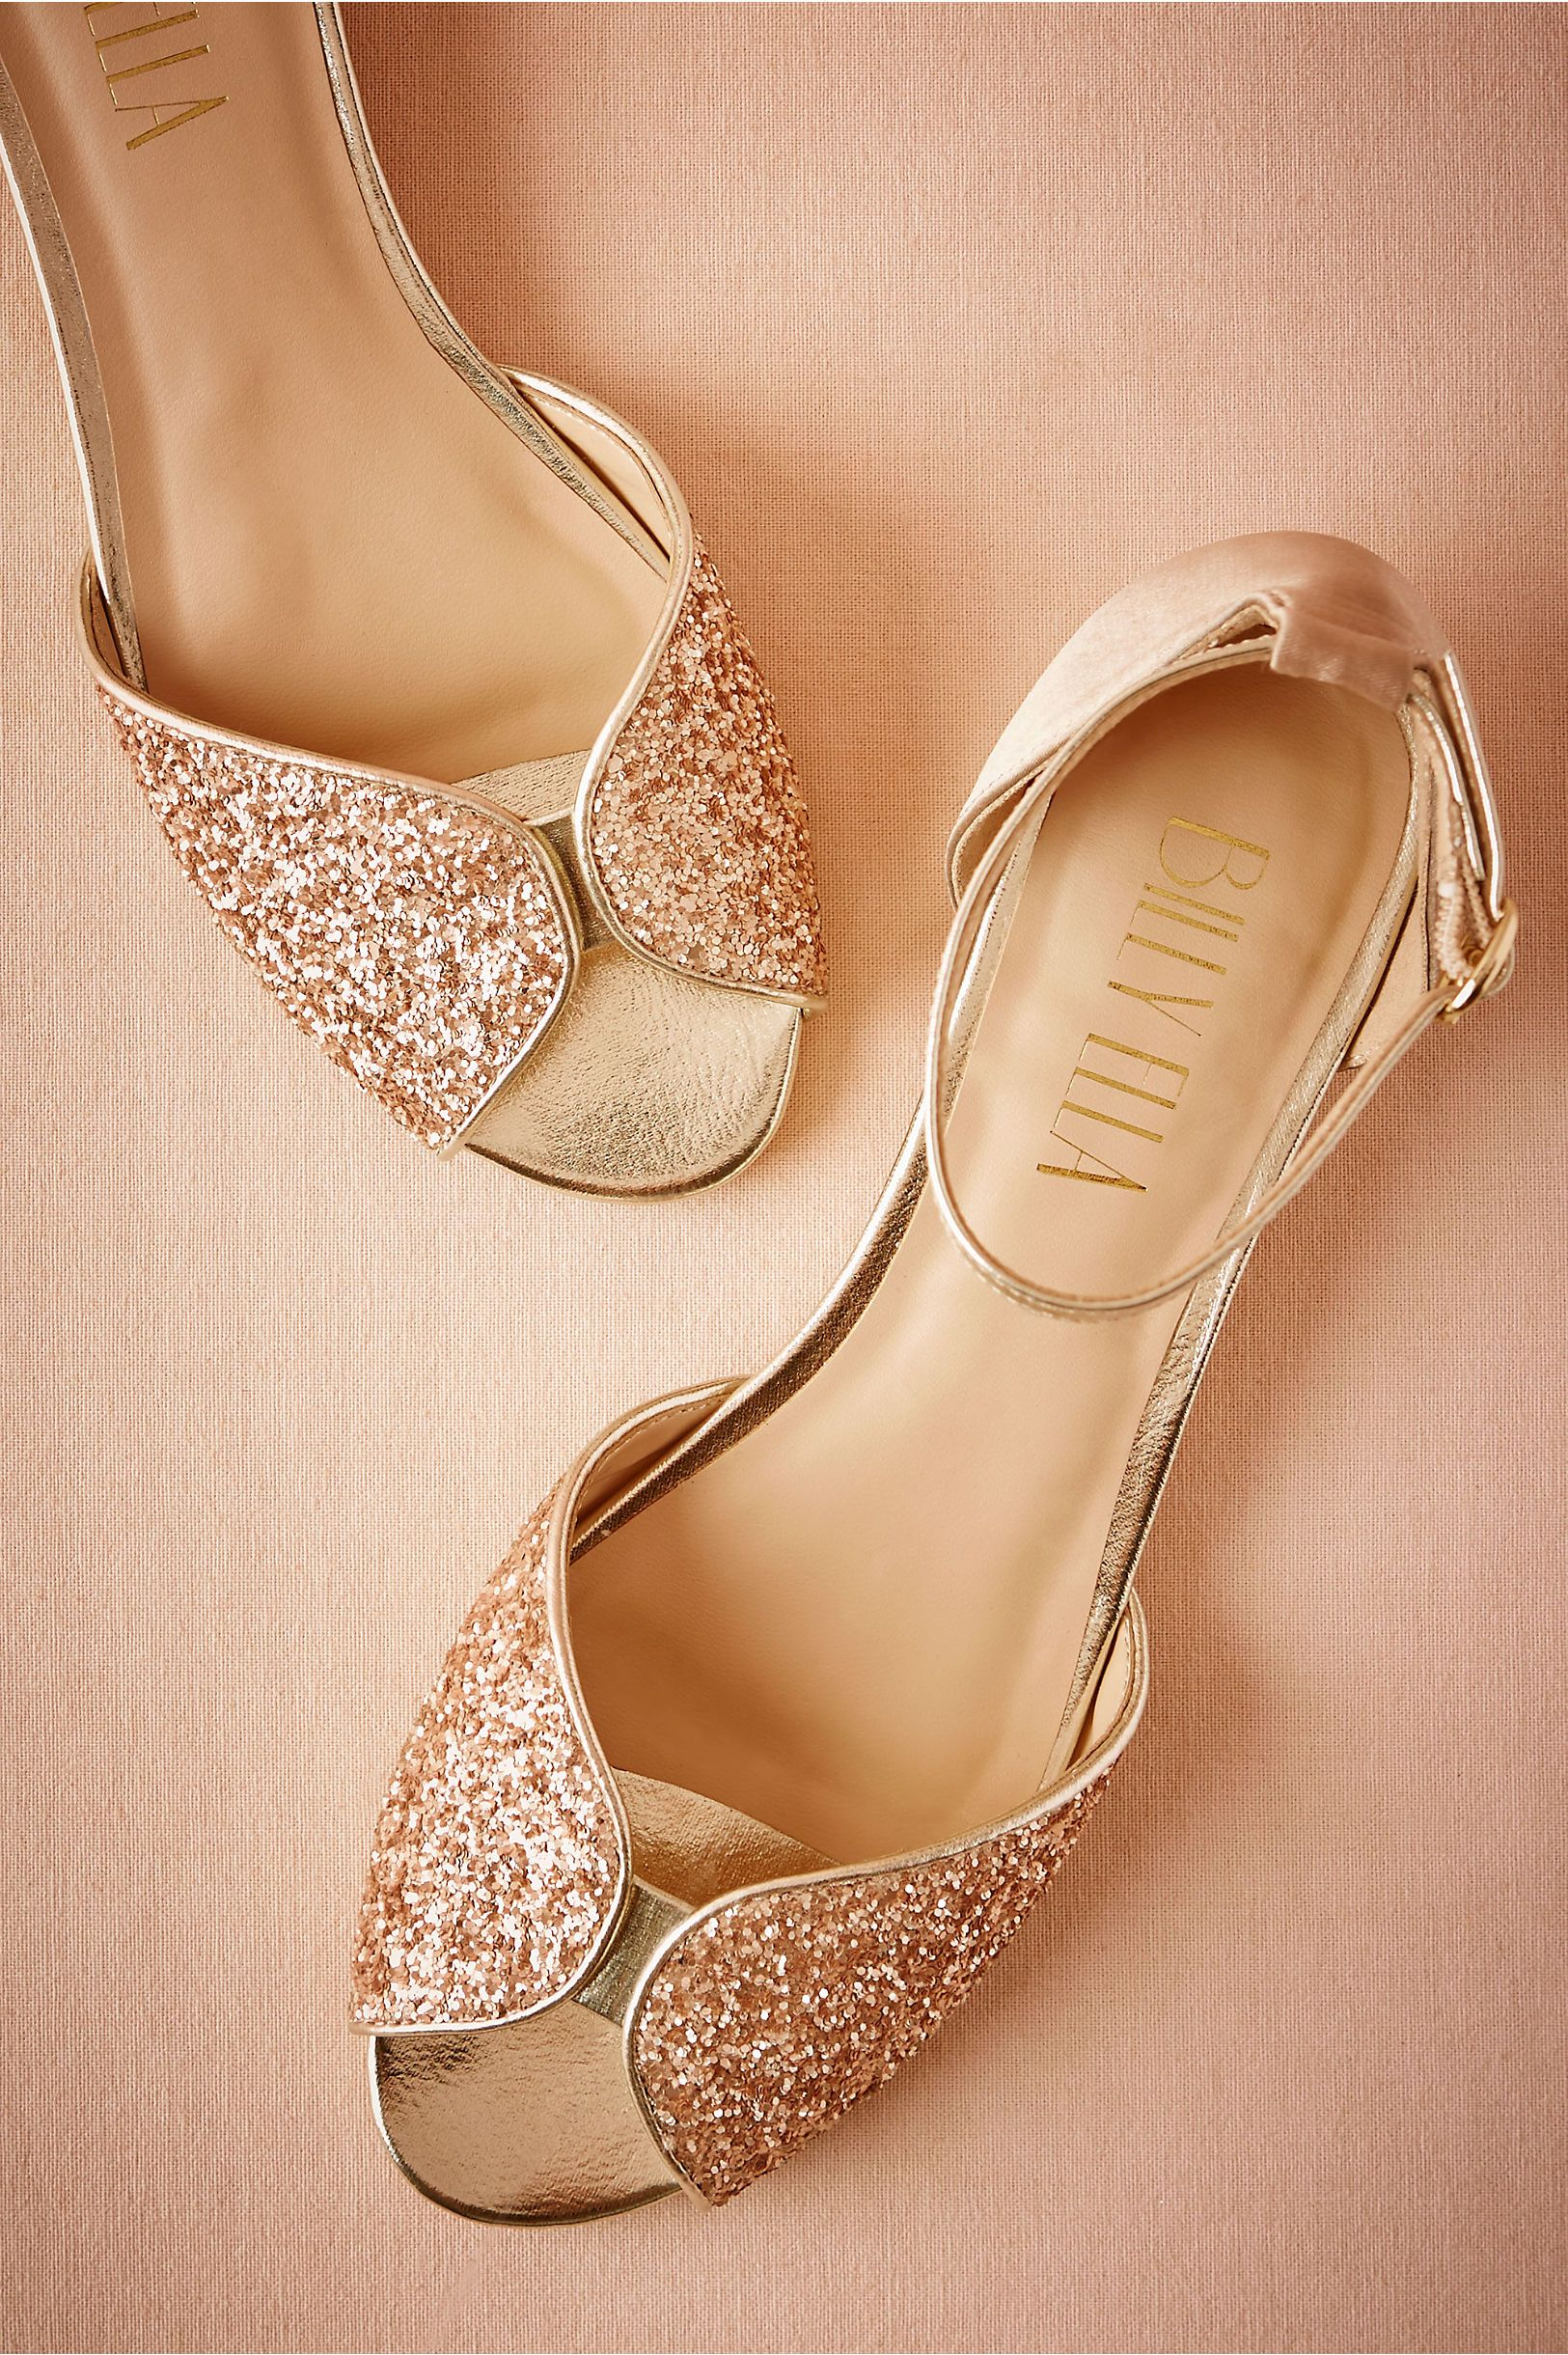 Billy Ella Jeni Flats Bridal Sandals Wedding Shoes Bridesmaid